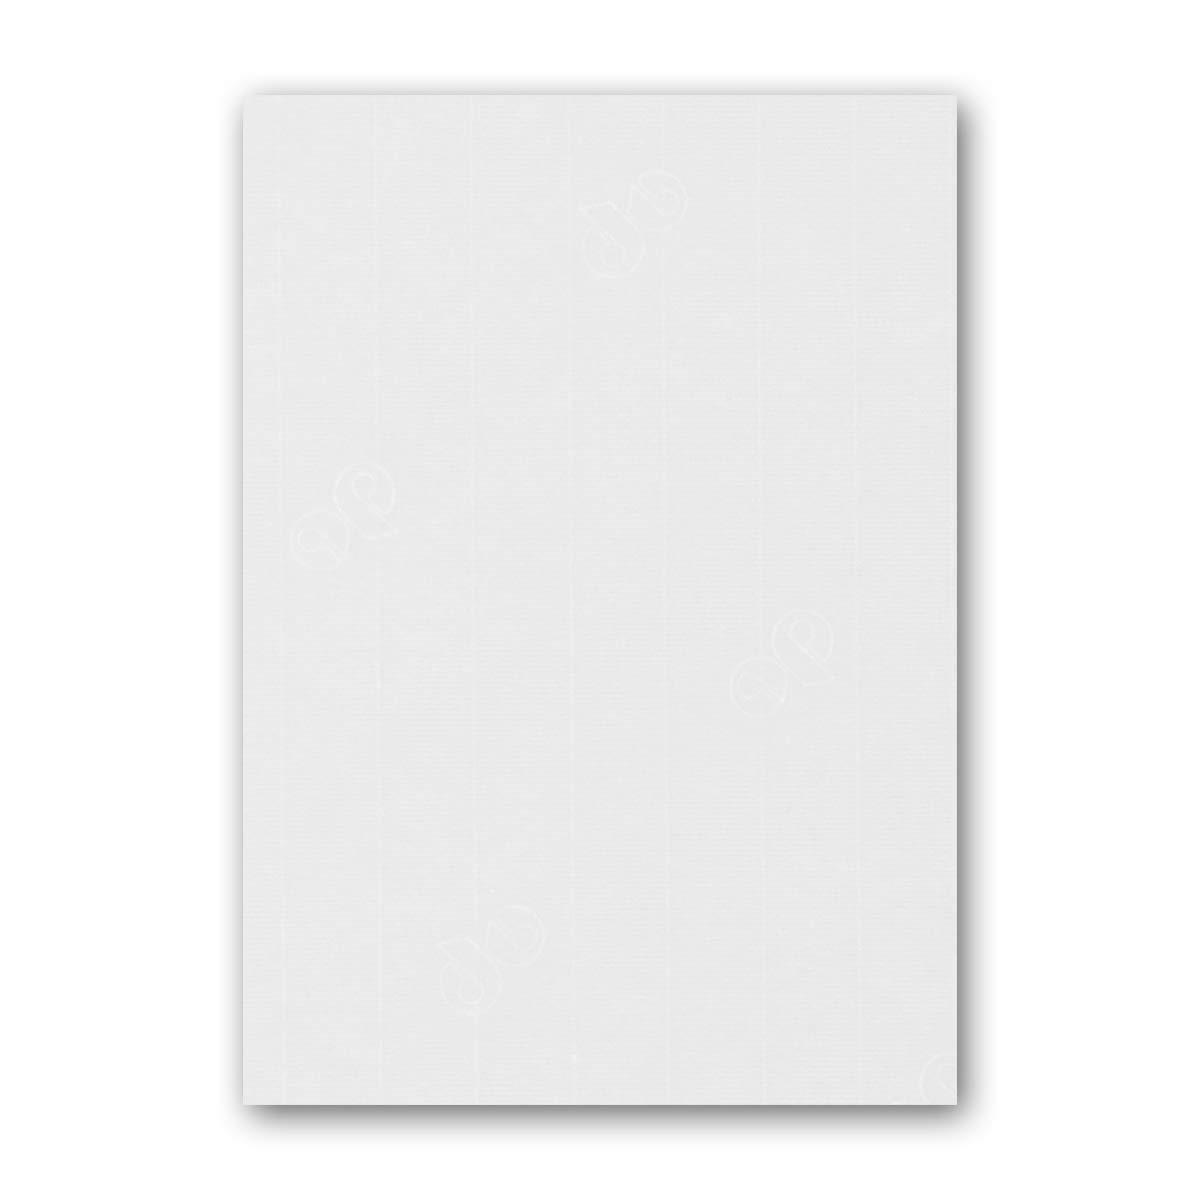 ARTOZ 150x Briefpapier + Bastelpapier Bastelkarton - Taupe - DIN A4 297 x 210 mm – Edle Egoutteur-Rippung – Hochwertiges 220 g m² Tonpapier – Scrapbooking Papier 210 - BlütenWeiß 100 Stück